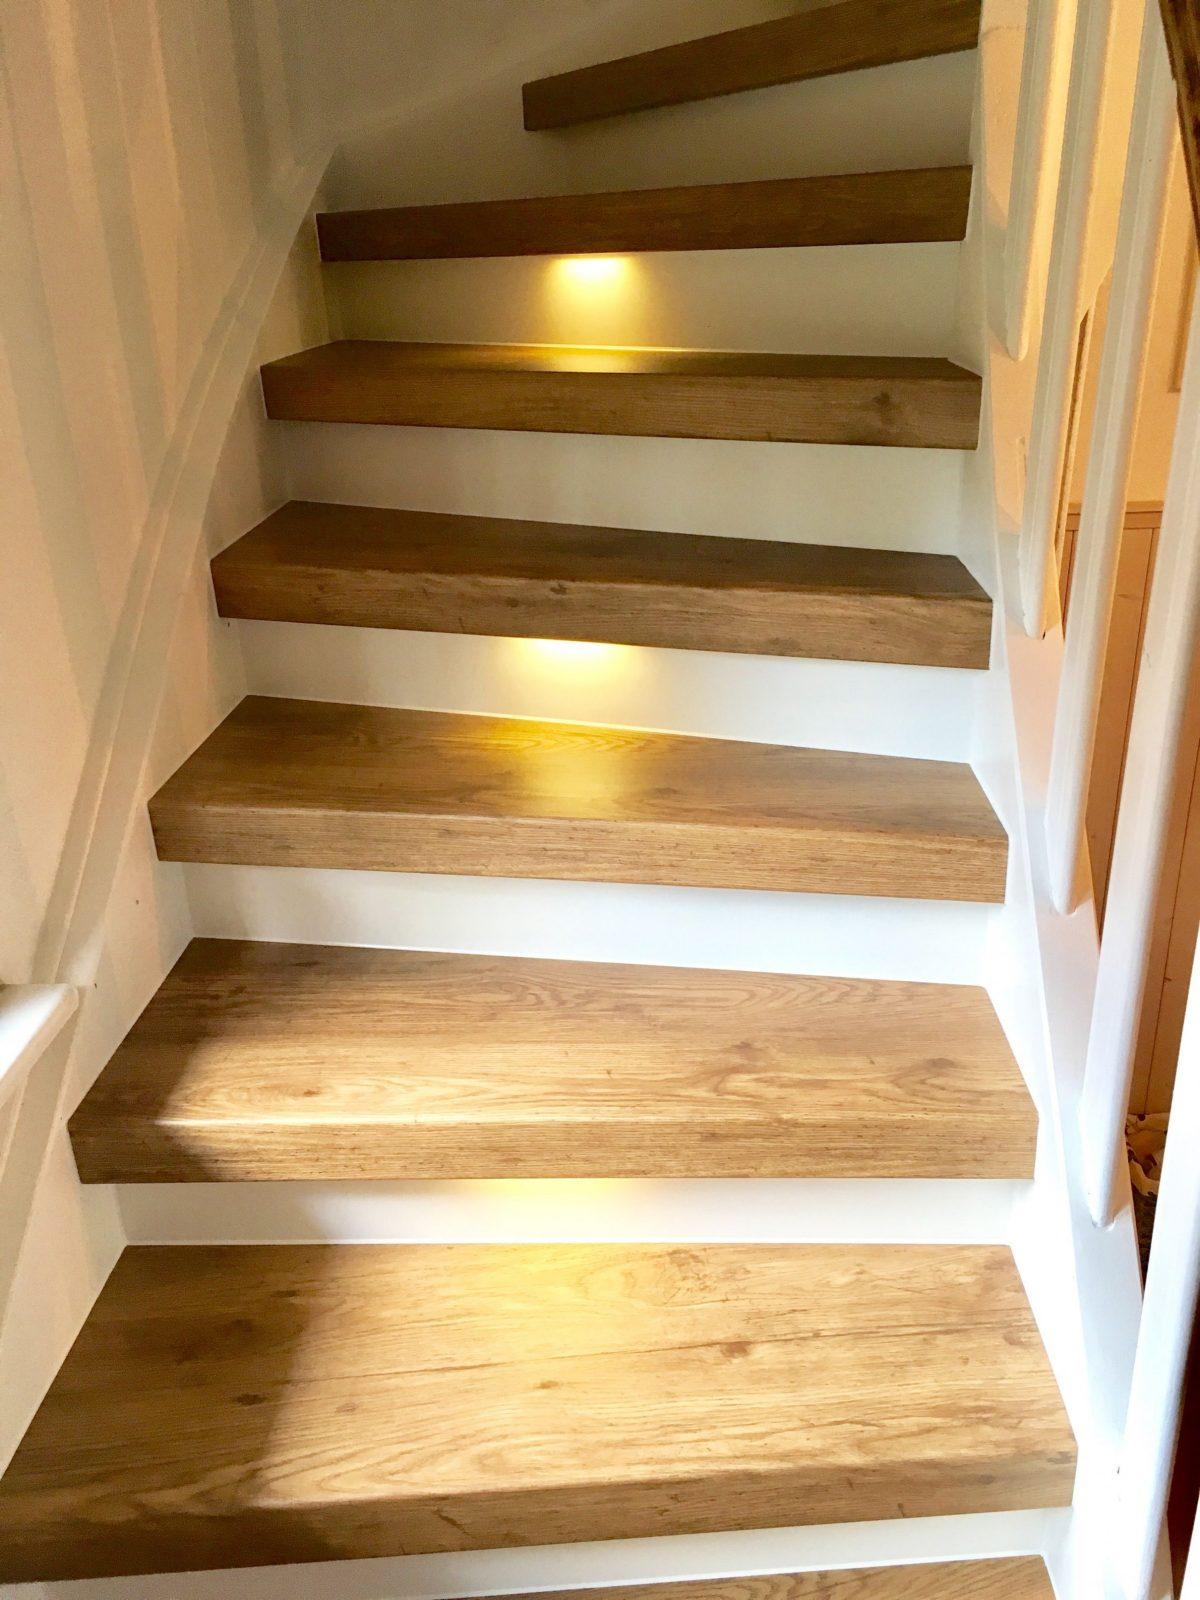 Treppenrenovierung Und Treppensanierung Von Vinylstufen Vinyltreppen von Holztreppe Streichen Welcher Lack Bild